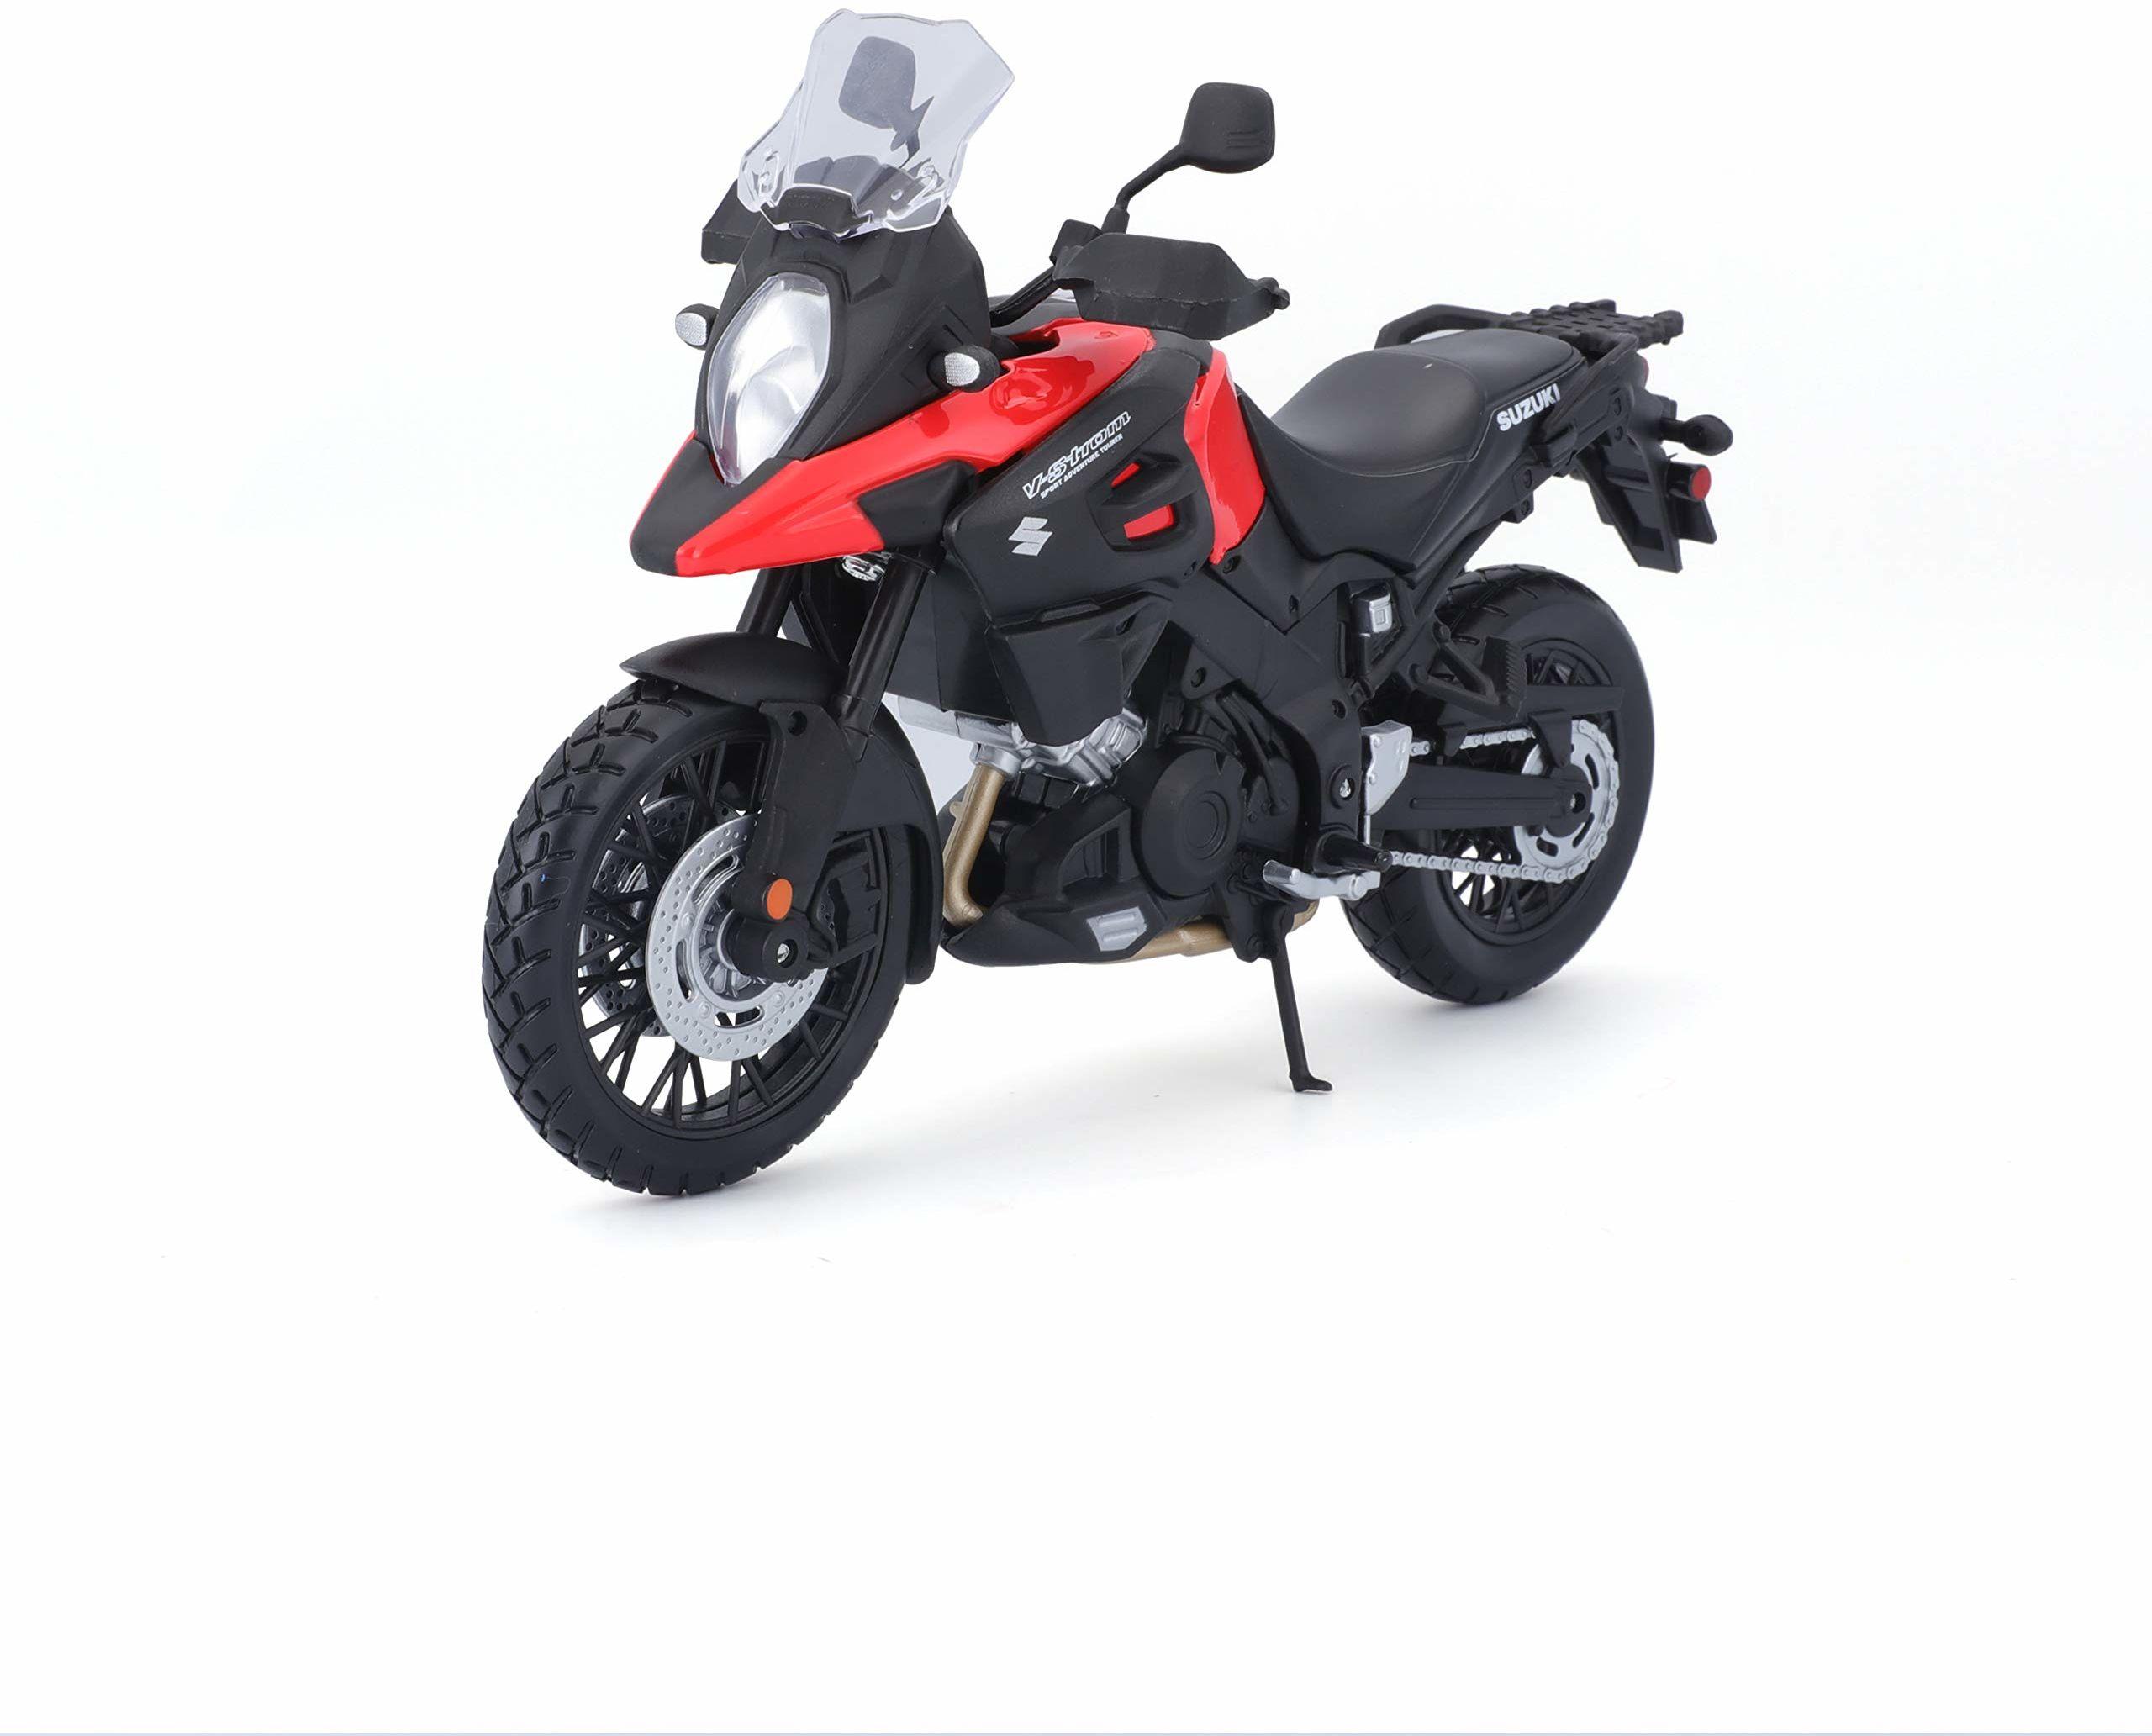 Maisto Suzuki prąd V: model motocyklowy, skala 1:12, ze sprężynami i rozkładaną podpórką boczną, 17 cm, czarno-czerwony (5-19130), czerwono-czarny